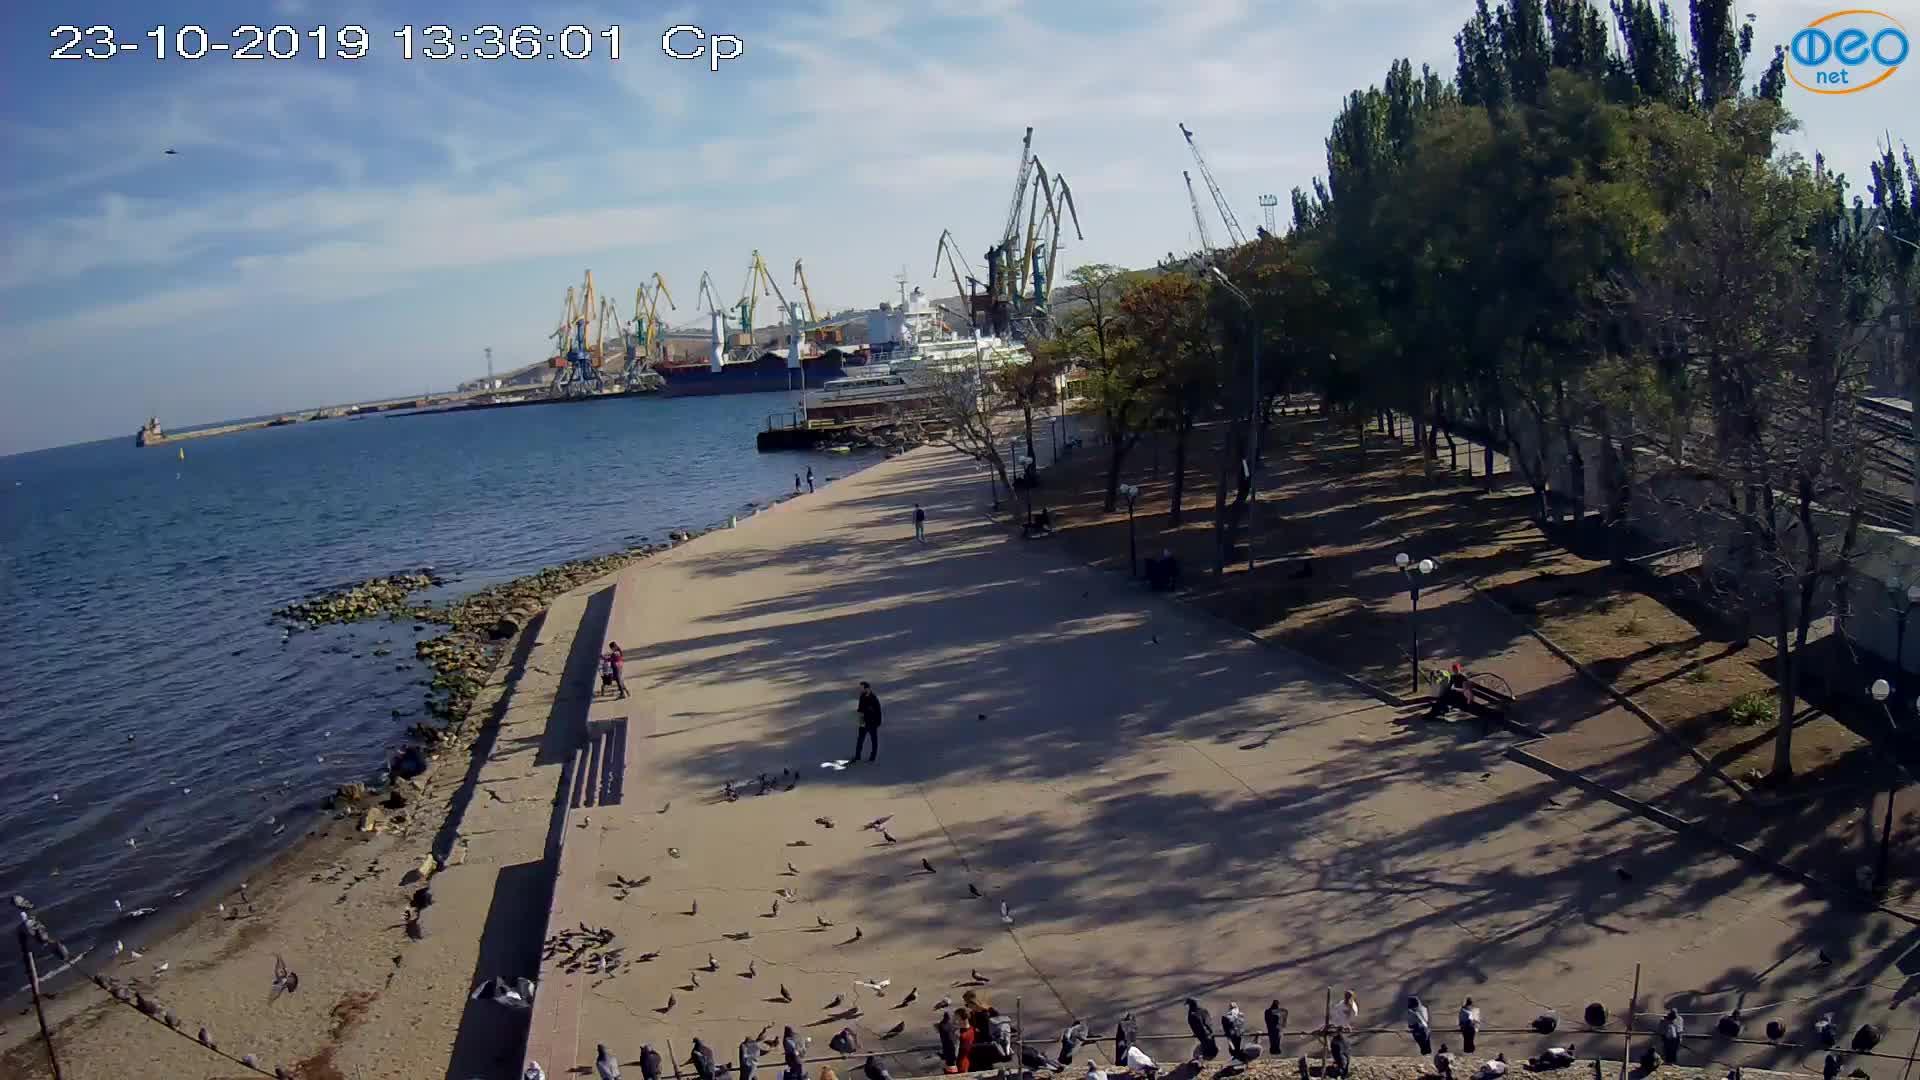 Веб-камеры Феодосии, Набережная Десантников, 2019-10-23 13:36:15